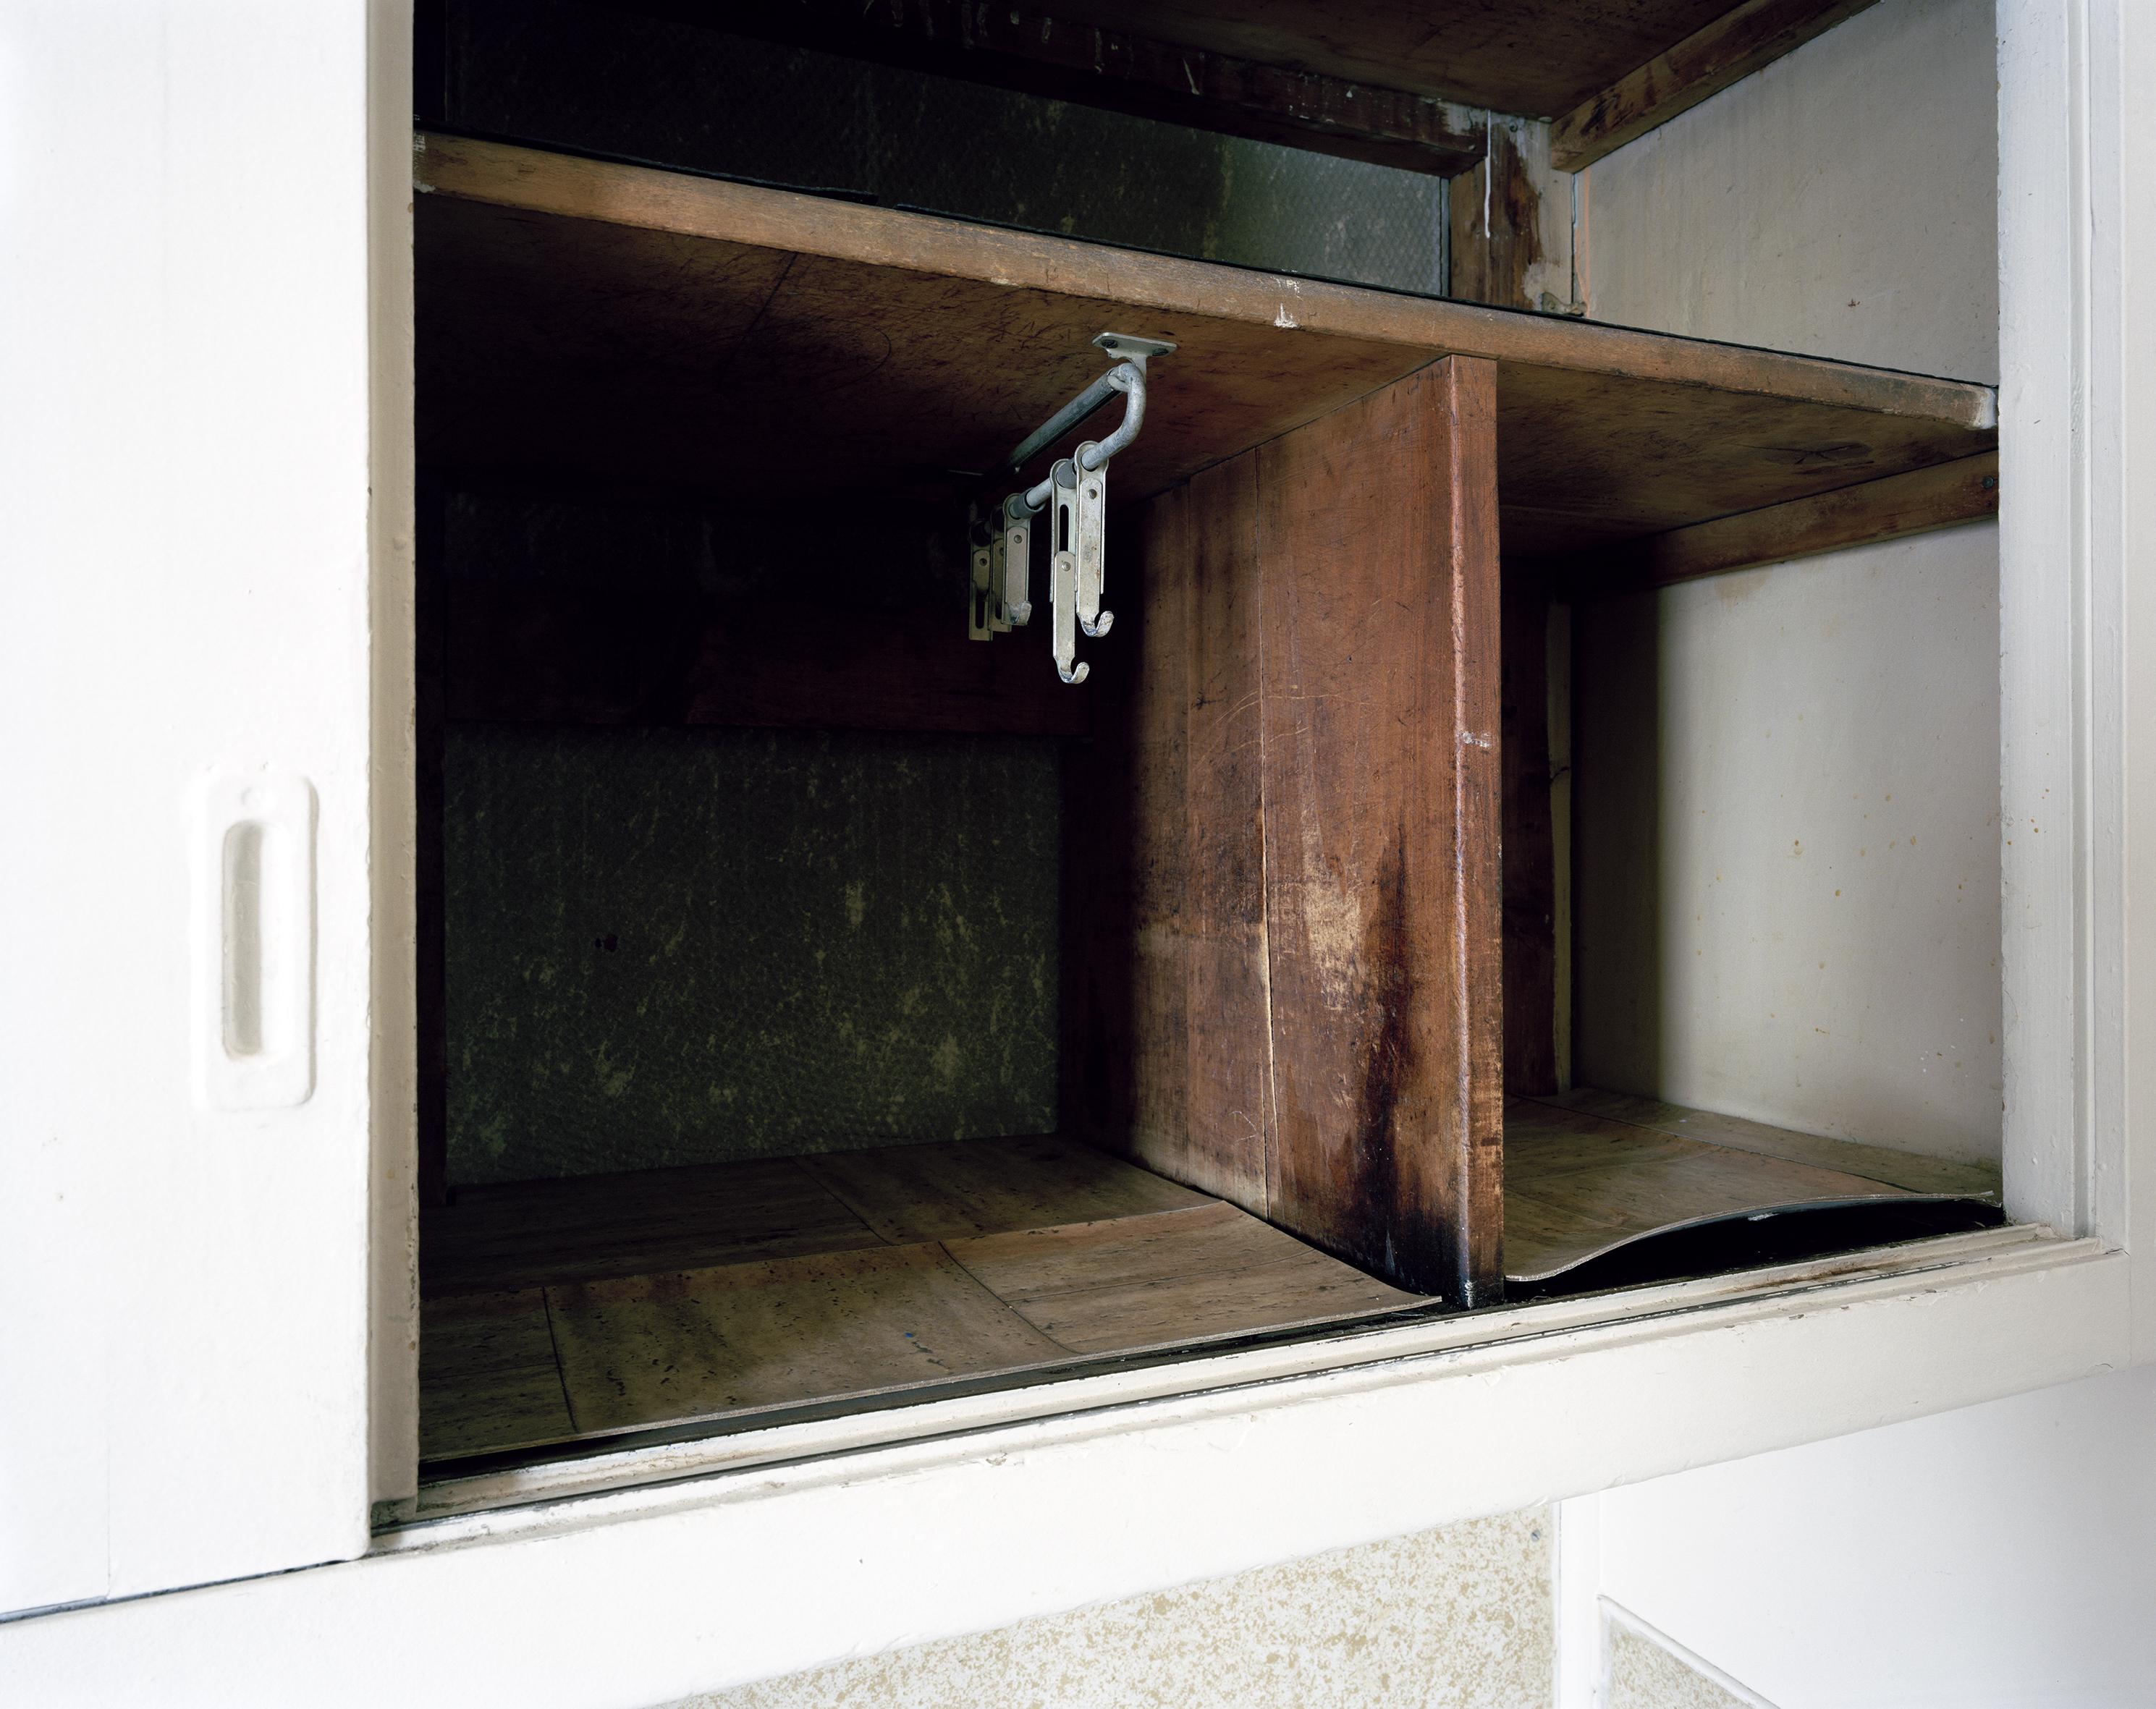 Aile gauche, Appartement n° 20, jeudi 4 octobre 2012 (image)